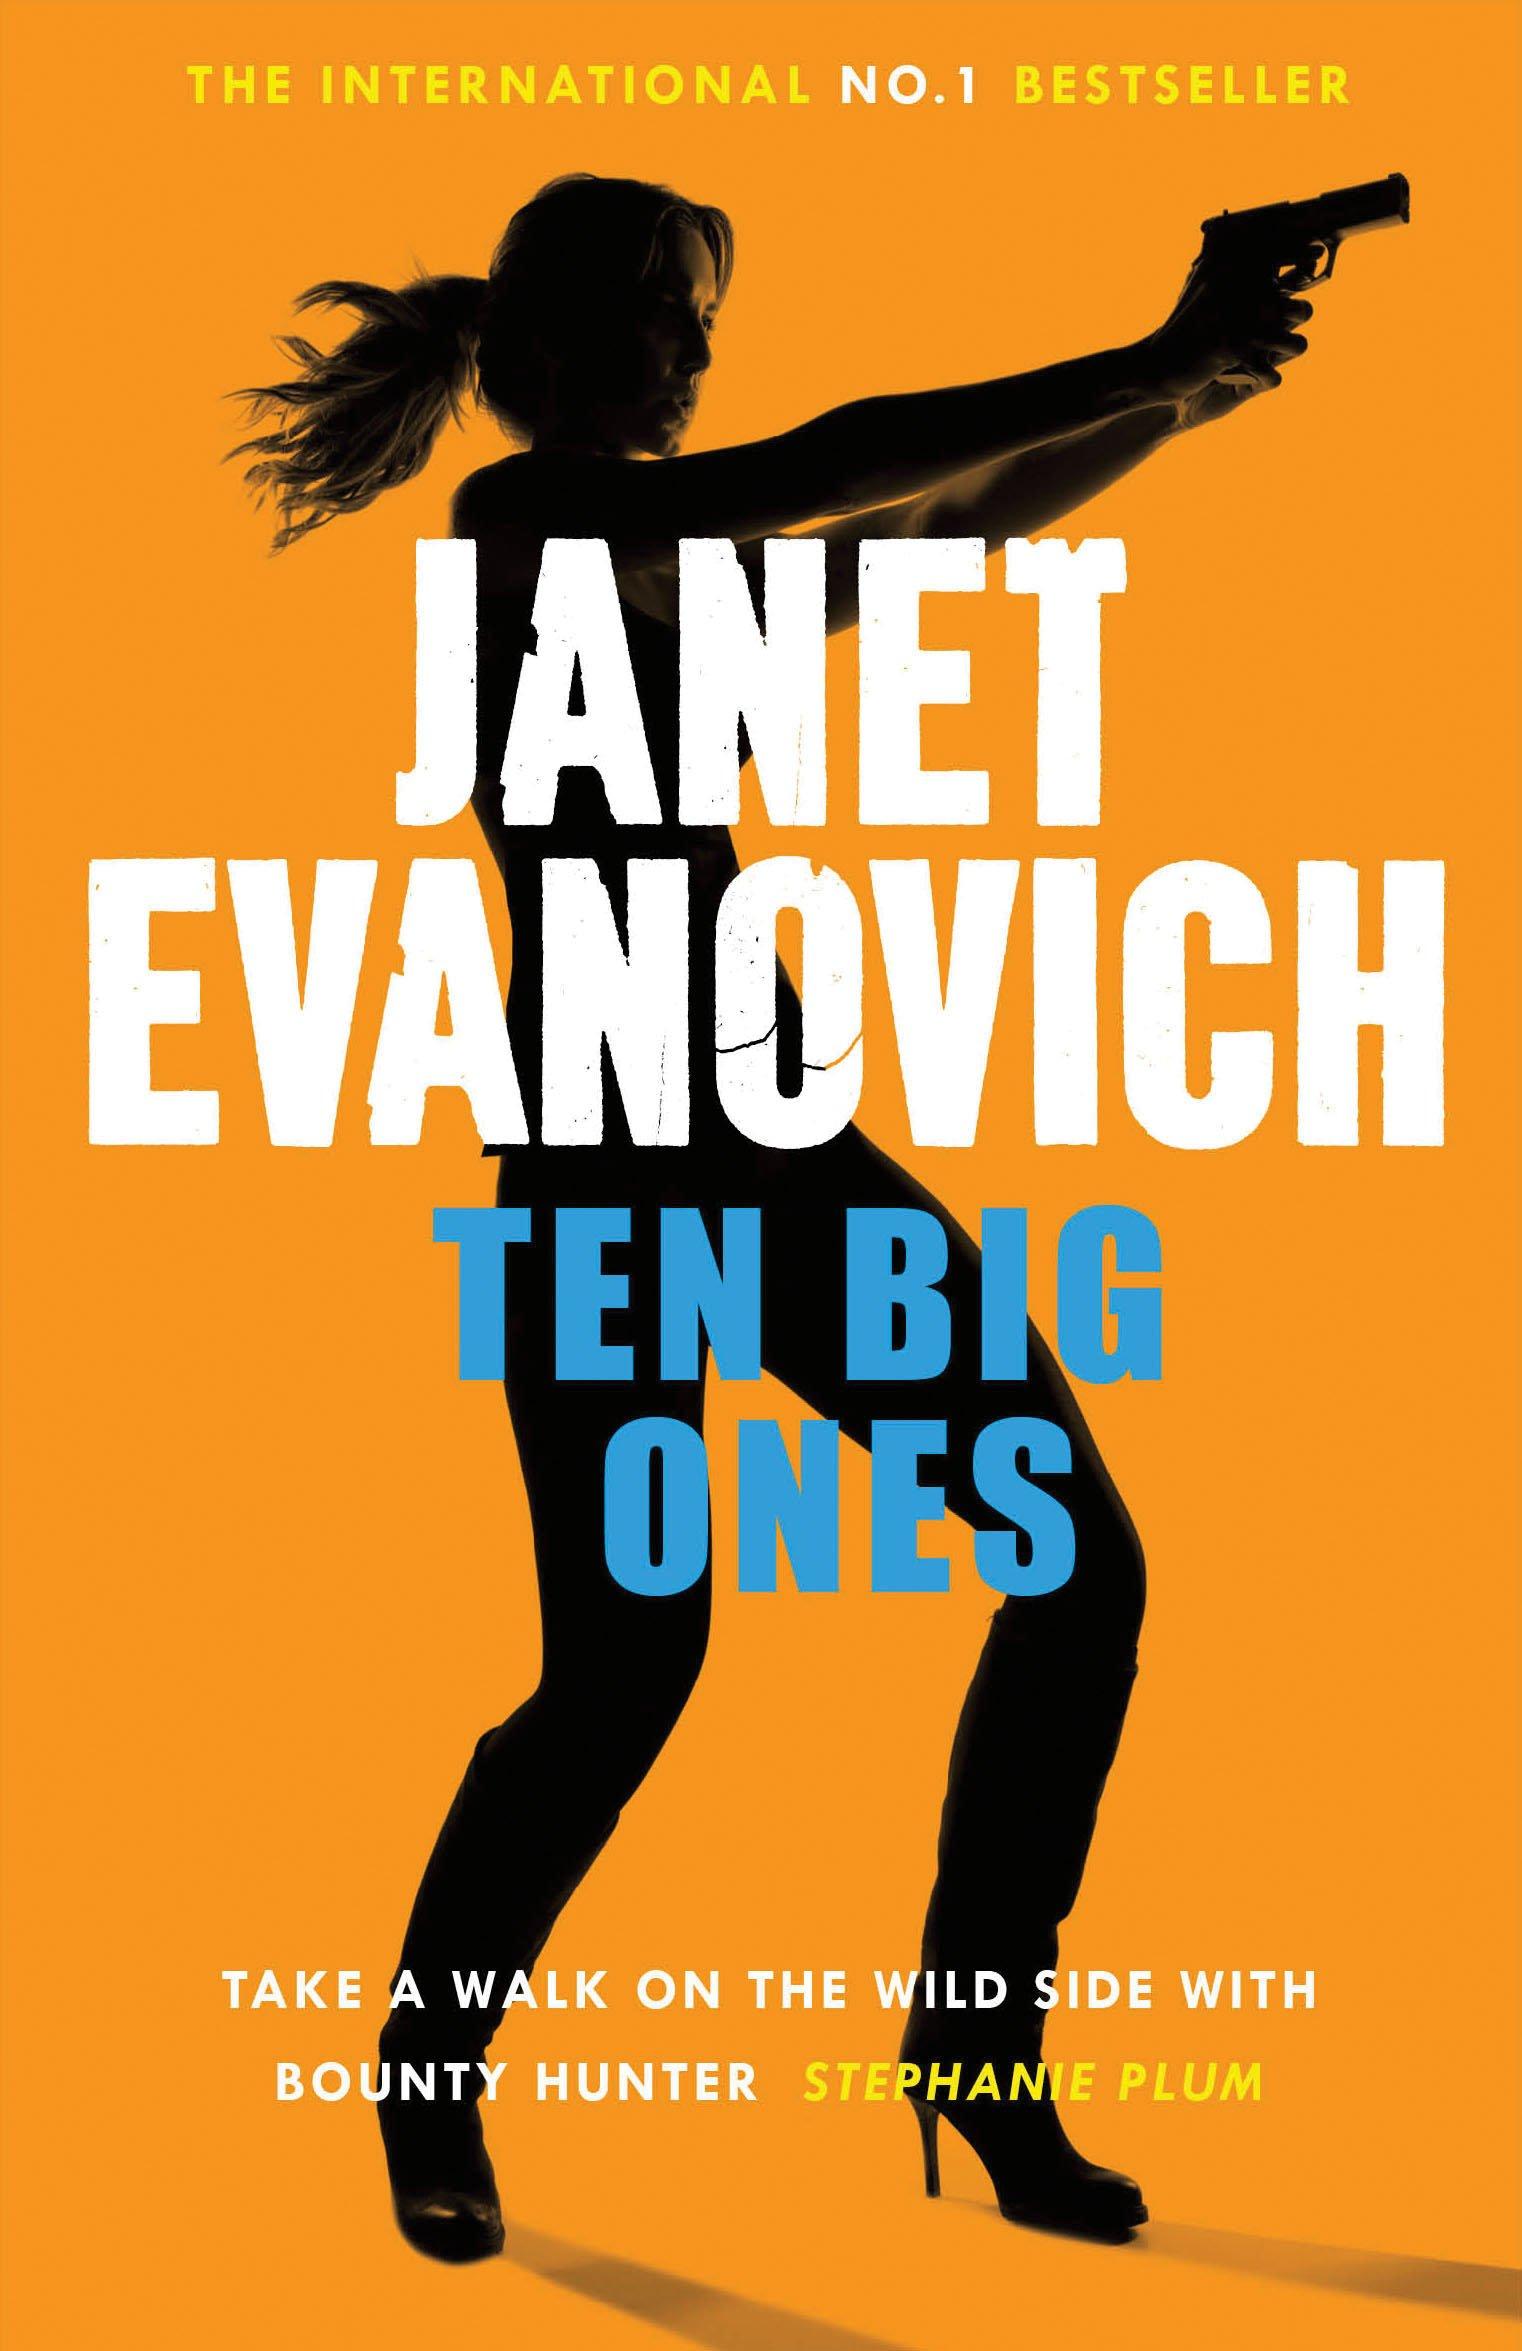 Ten Big Ones Ten Big Ones Stephanie Plum